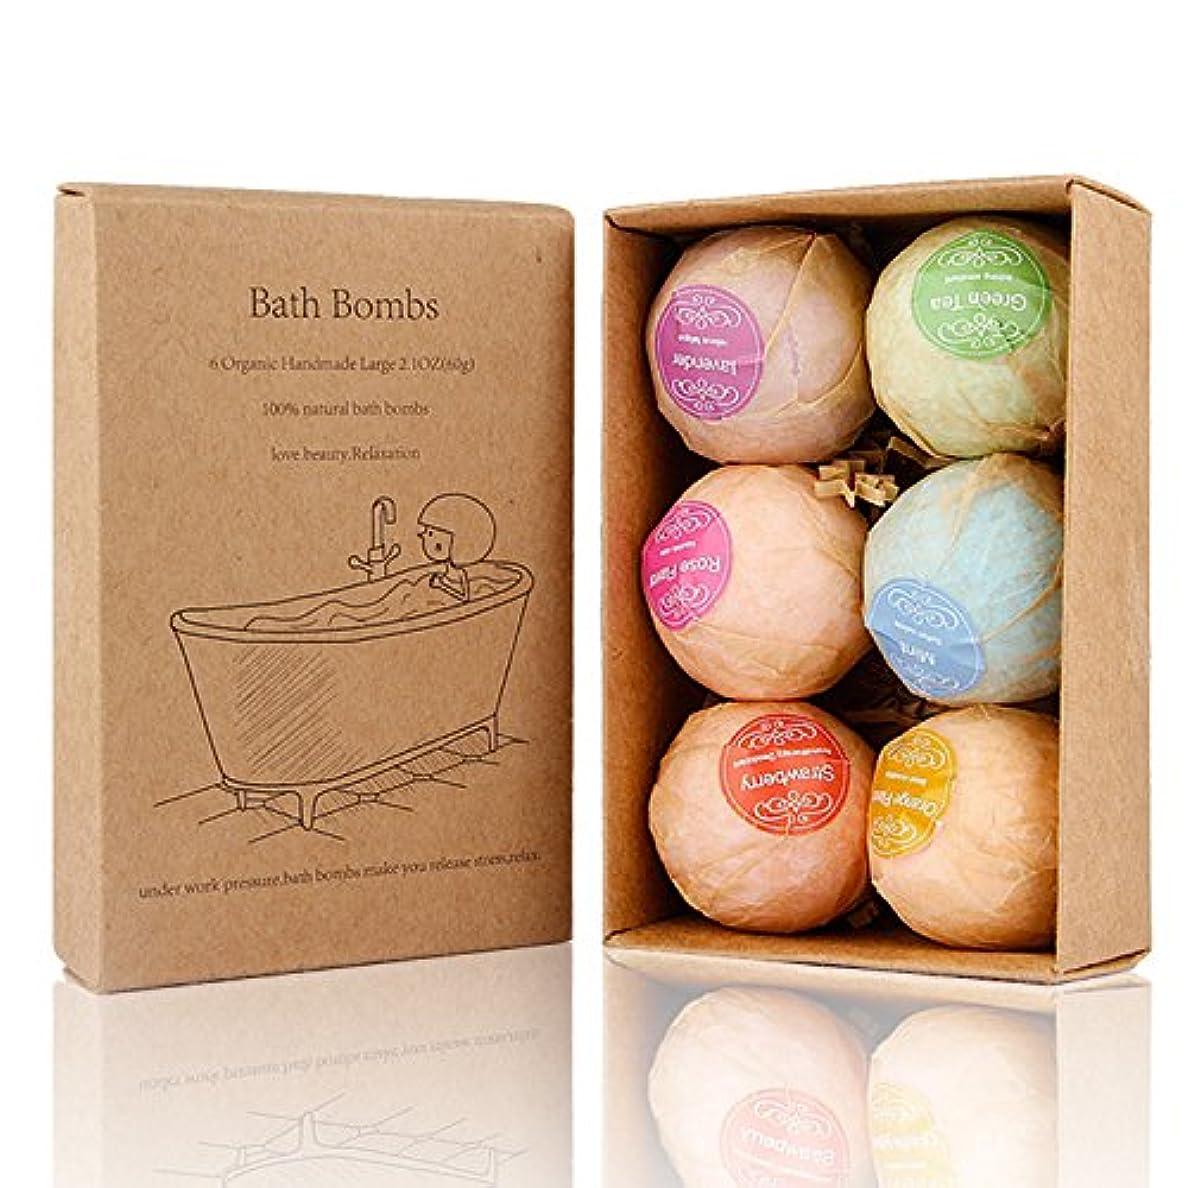 ワイド多数の領事館Bath Bomb, 温泡 入浴剤 ギフトセット6個入り, Perfect for Bubble & Spa Bath Ultra Lush Bath Fizzies